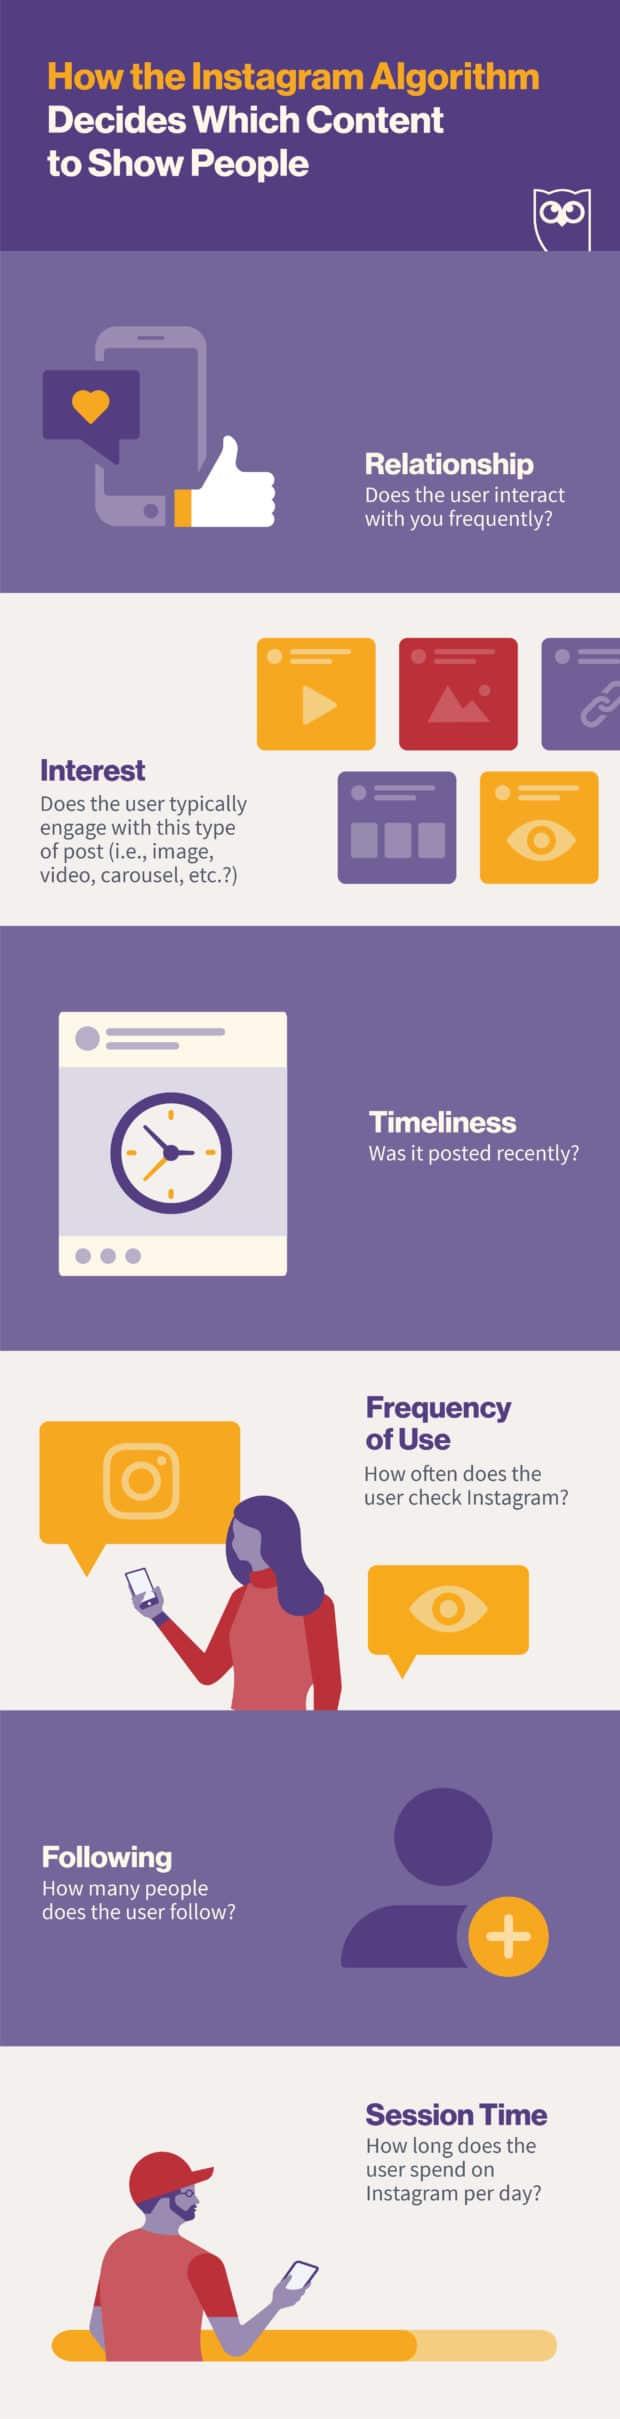 инфографика: факторы ранжирования алгоритма Instagram